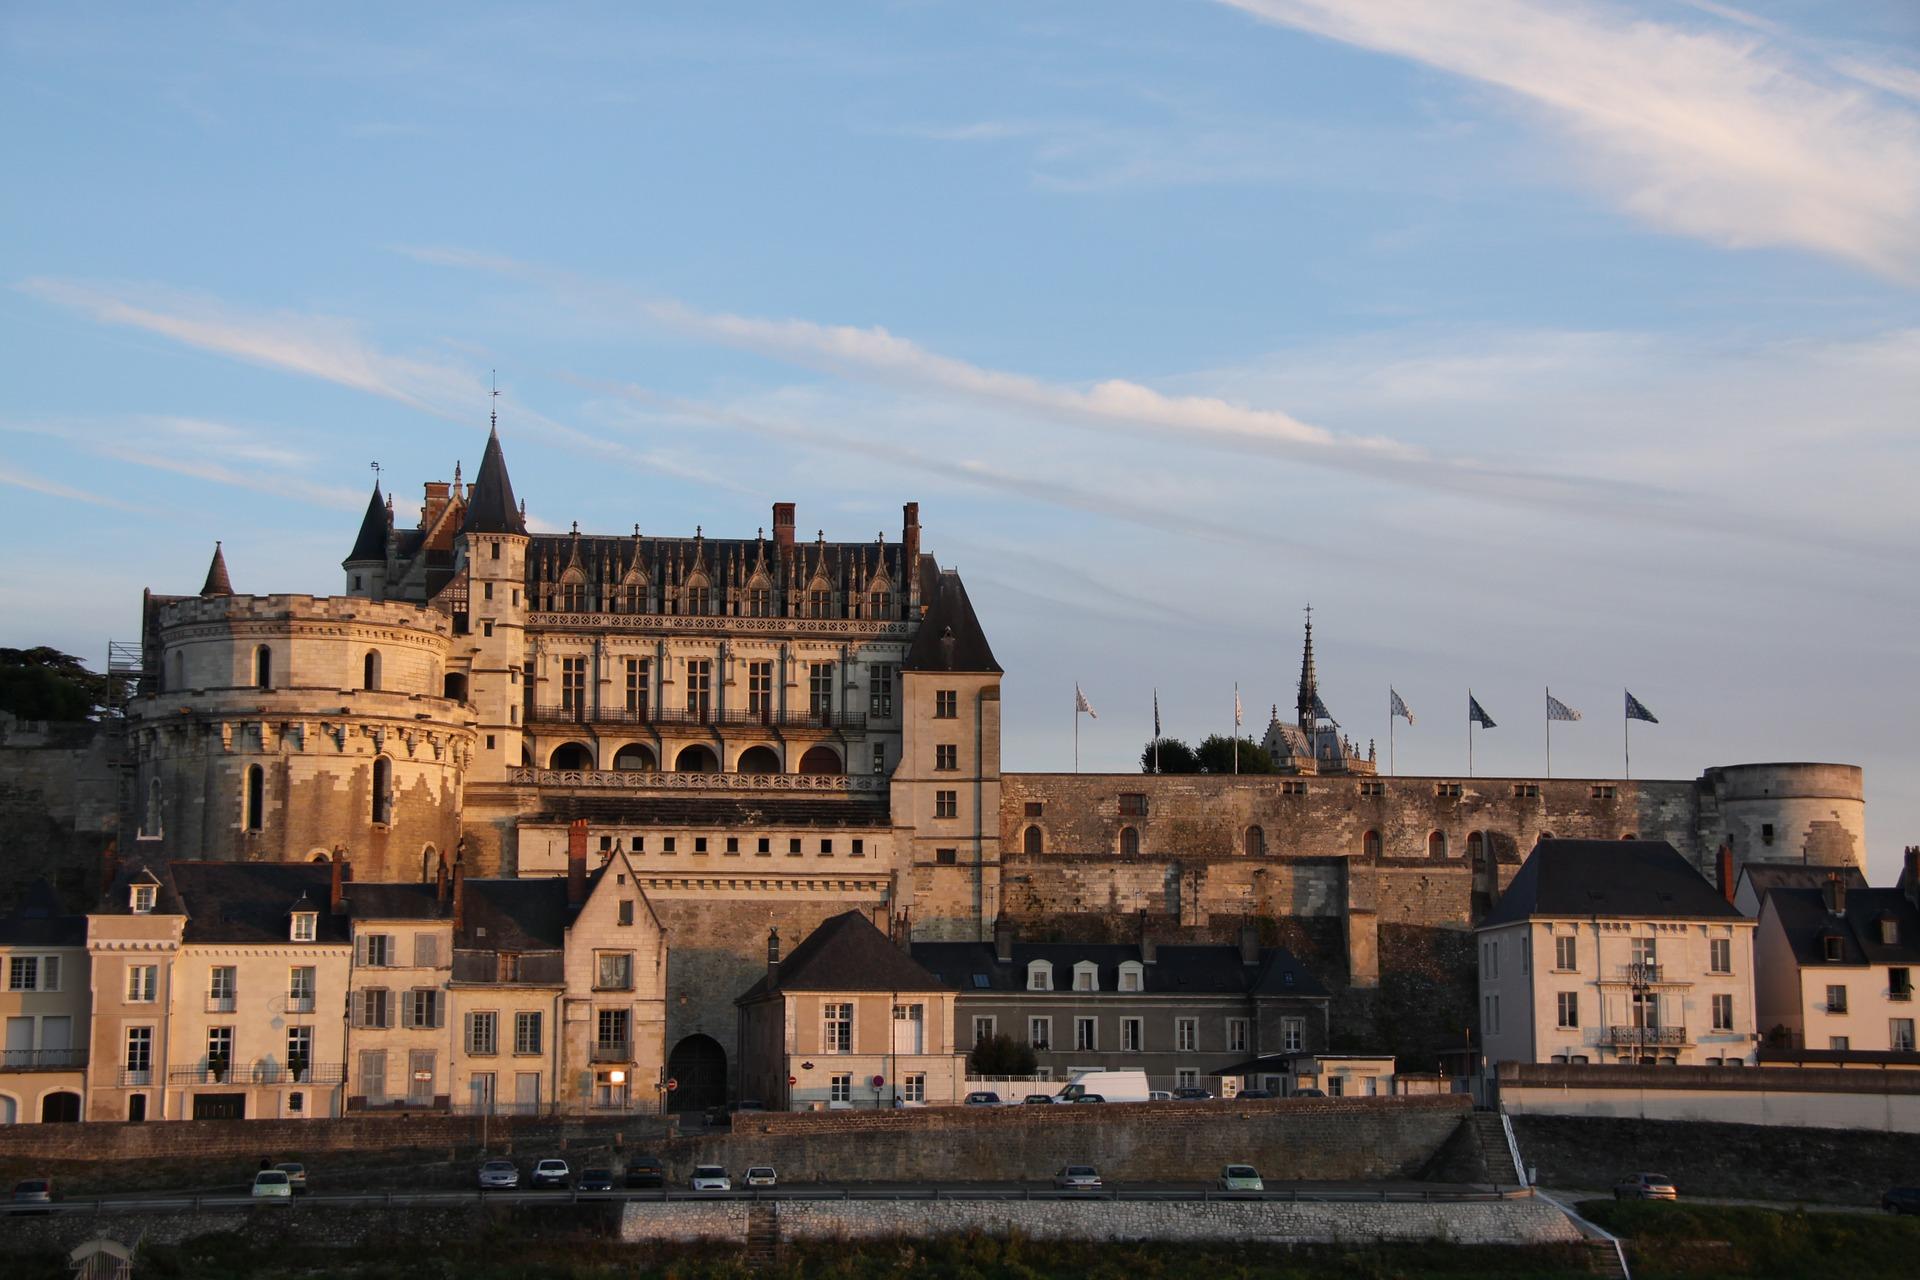 Castillo de Amboise, donde fue enterrado Leonardo. Imagen: FranceIntense. Fuente: Pixabay.